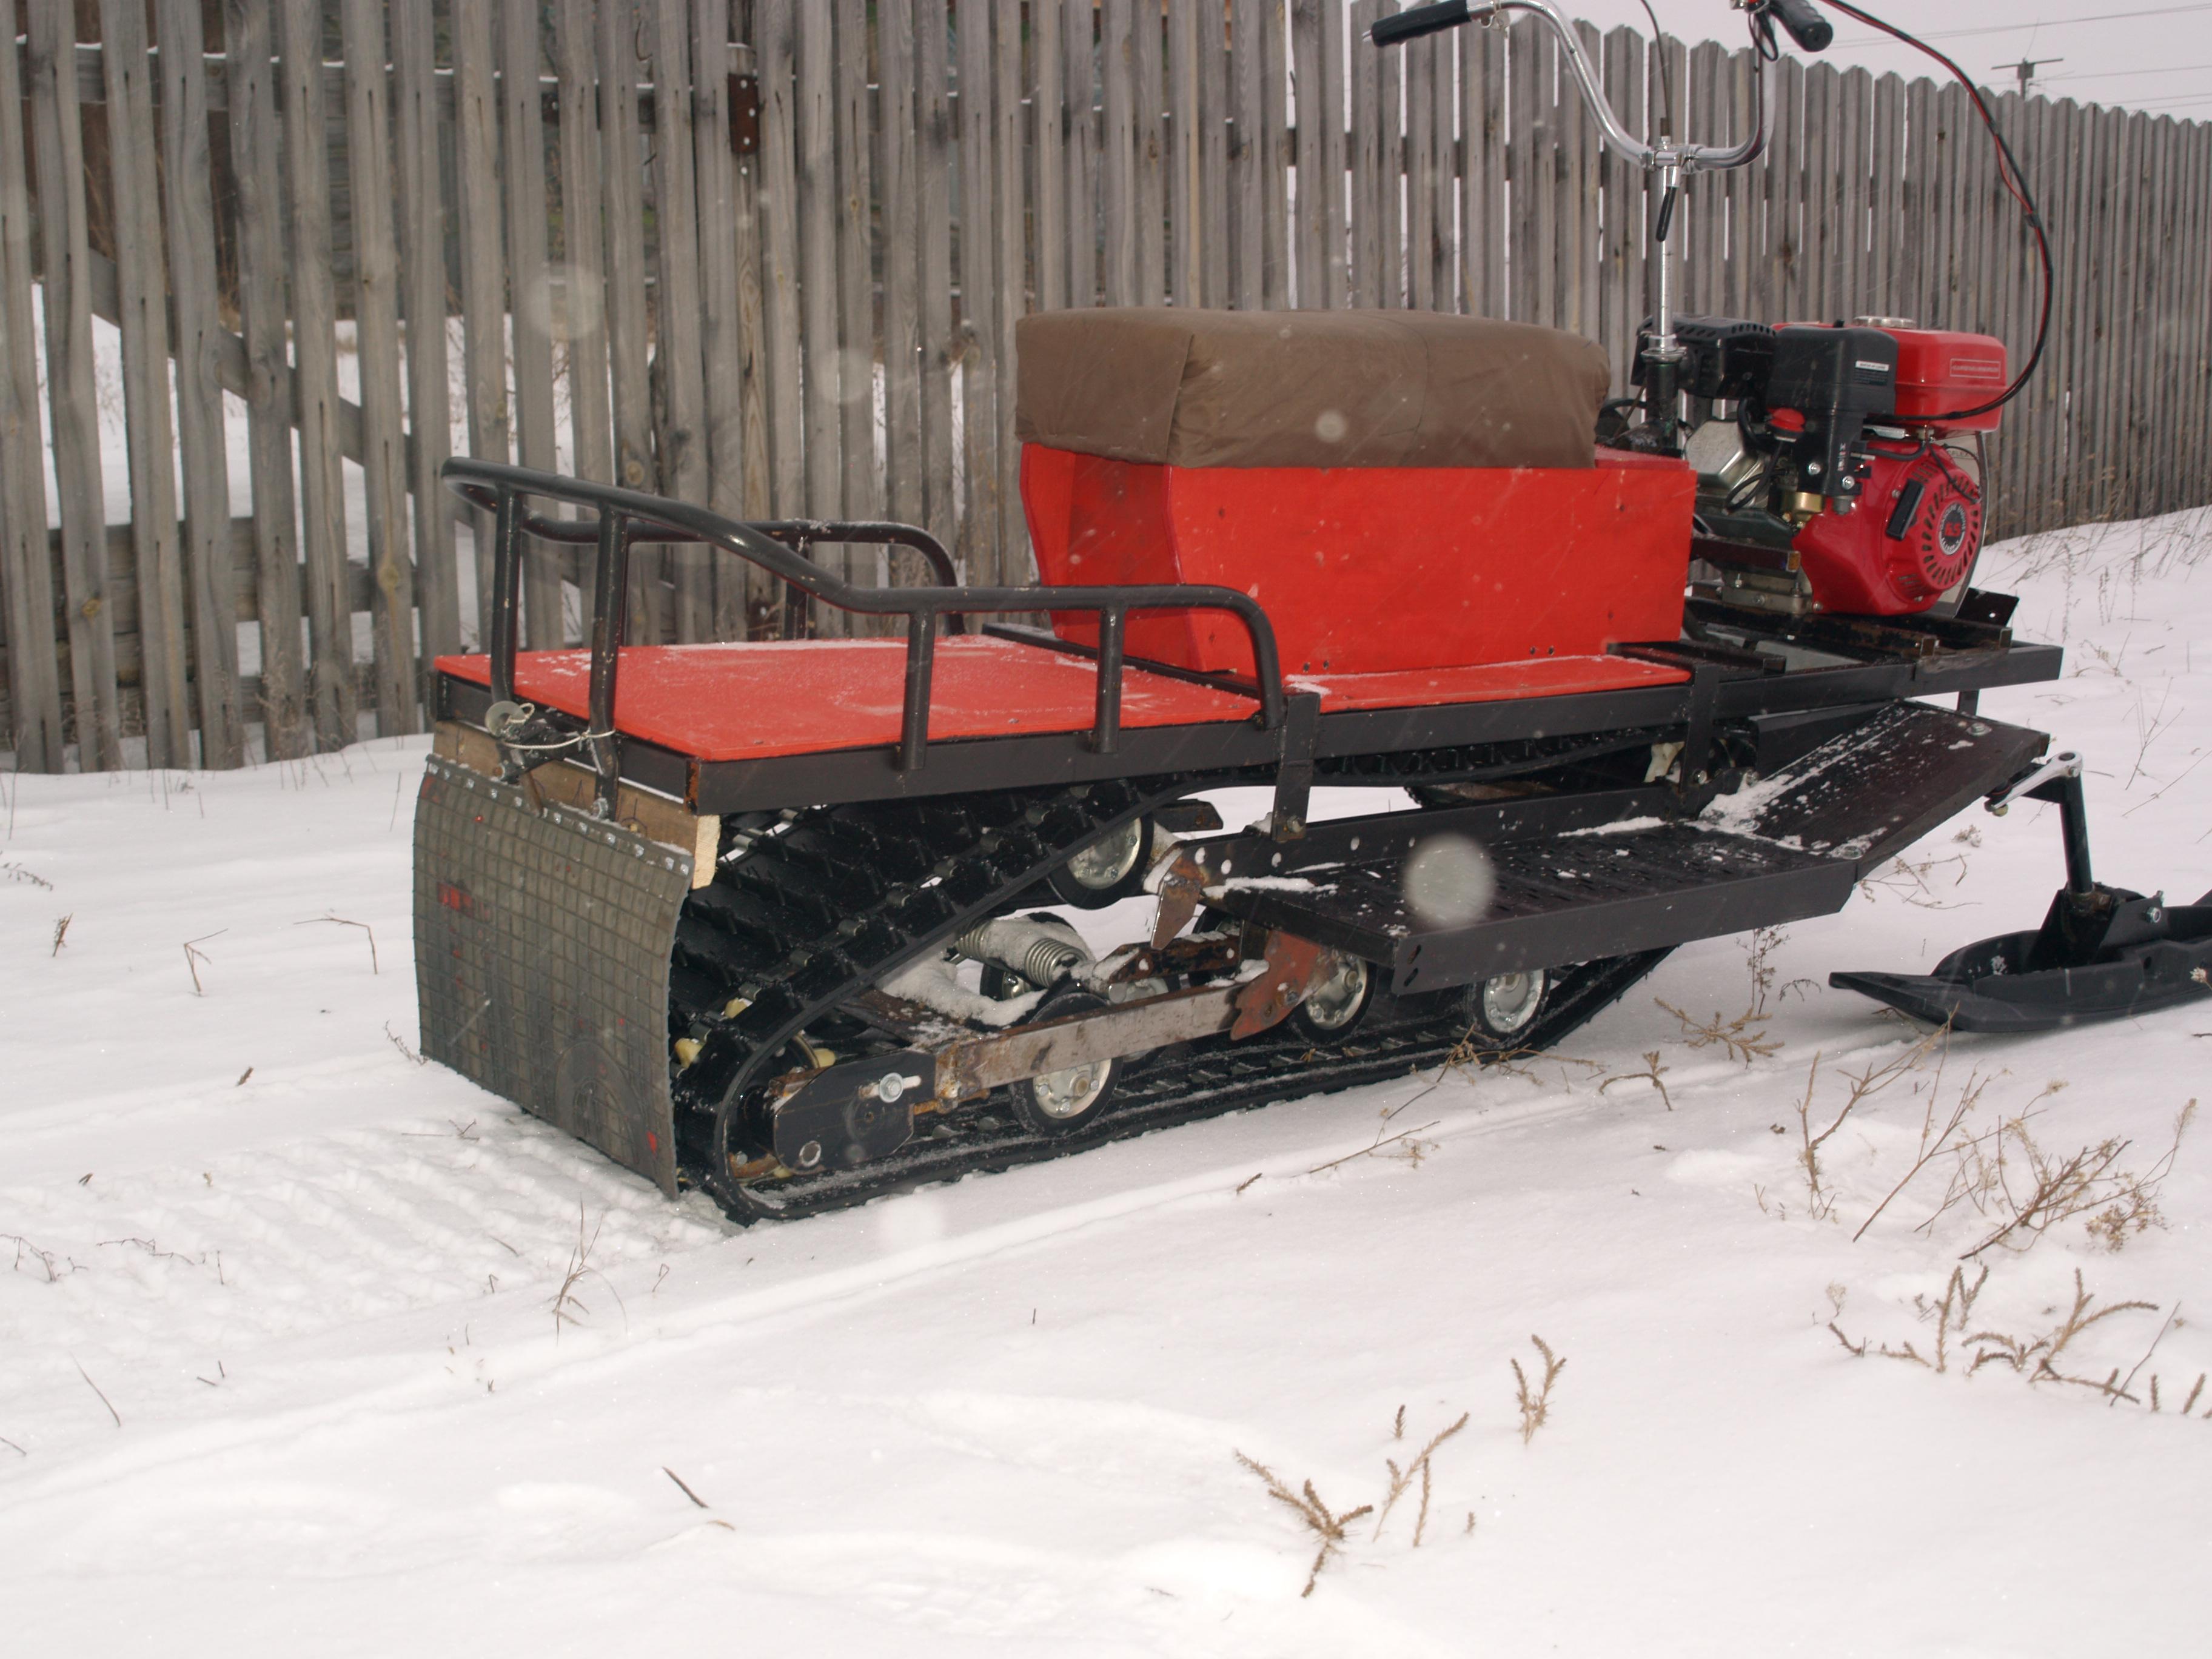 Как сделать самодельный снегоход на гусеницах 8